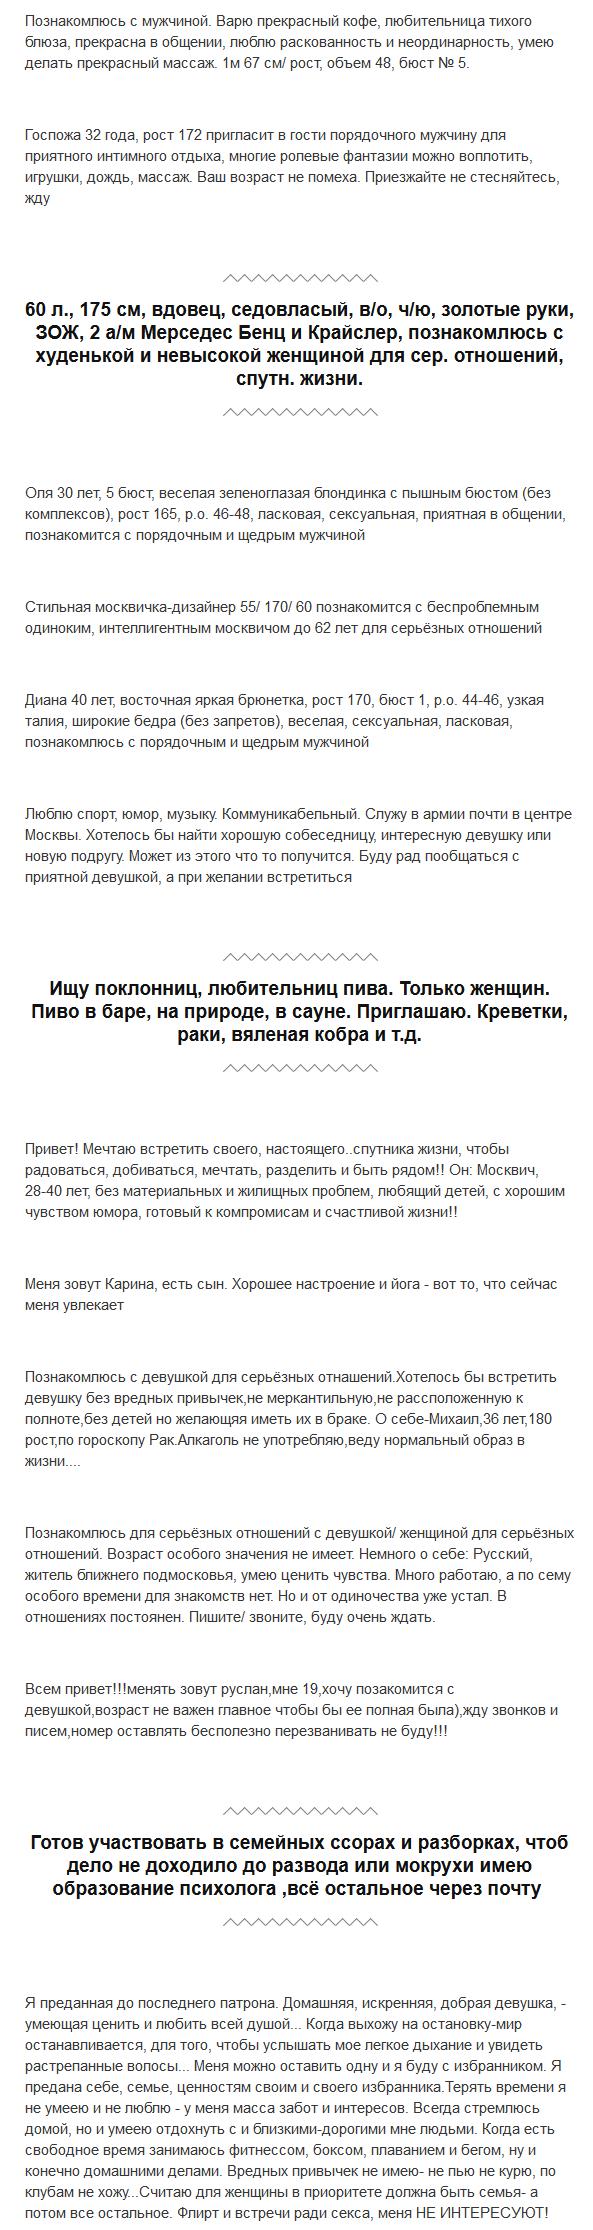 Интим в газетах объявлений (1 фото)